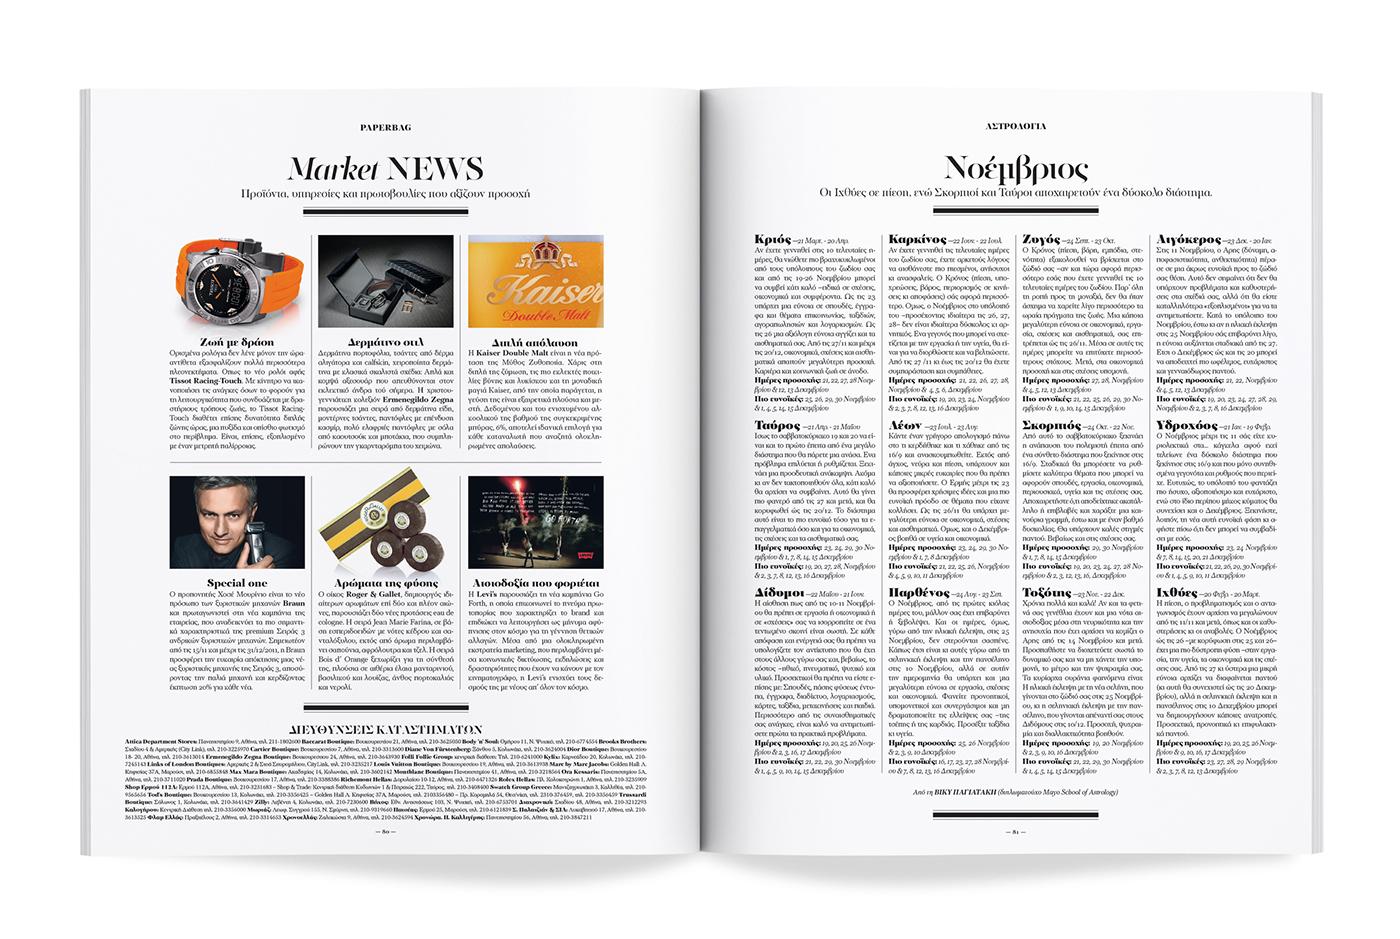 优秀期刊排版这样设计还是不错吧!